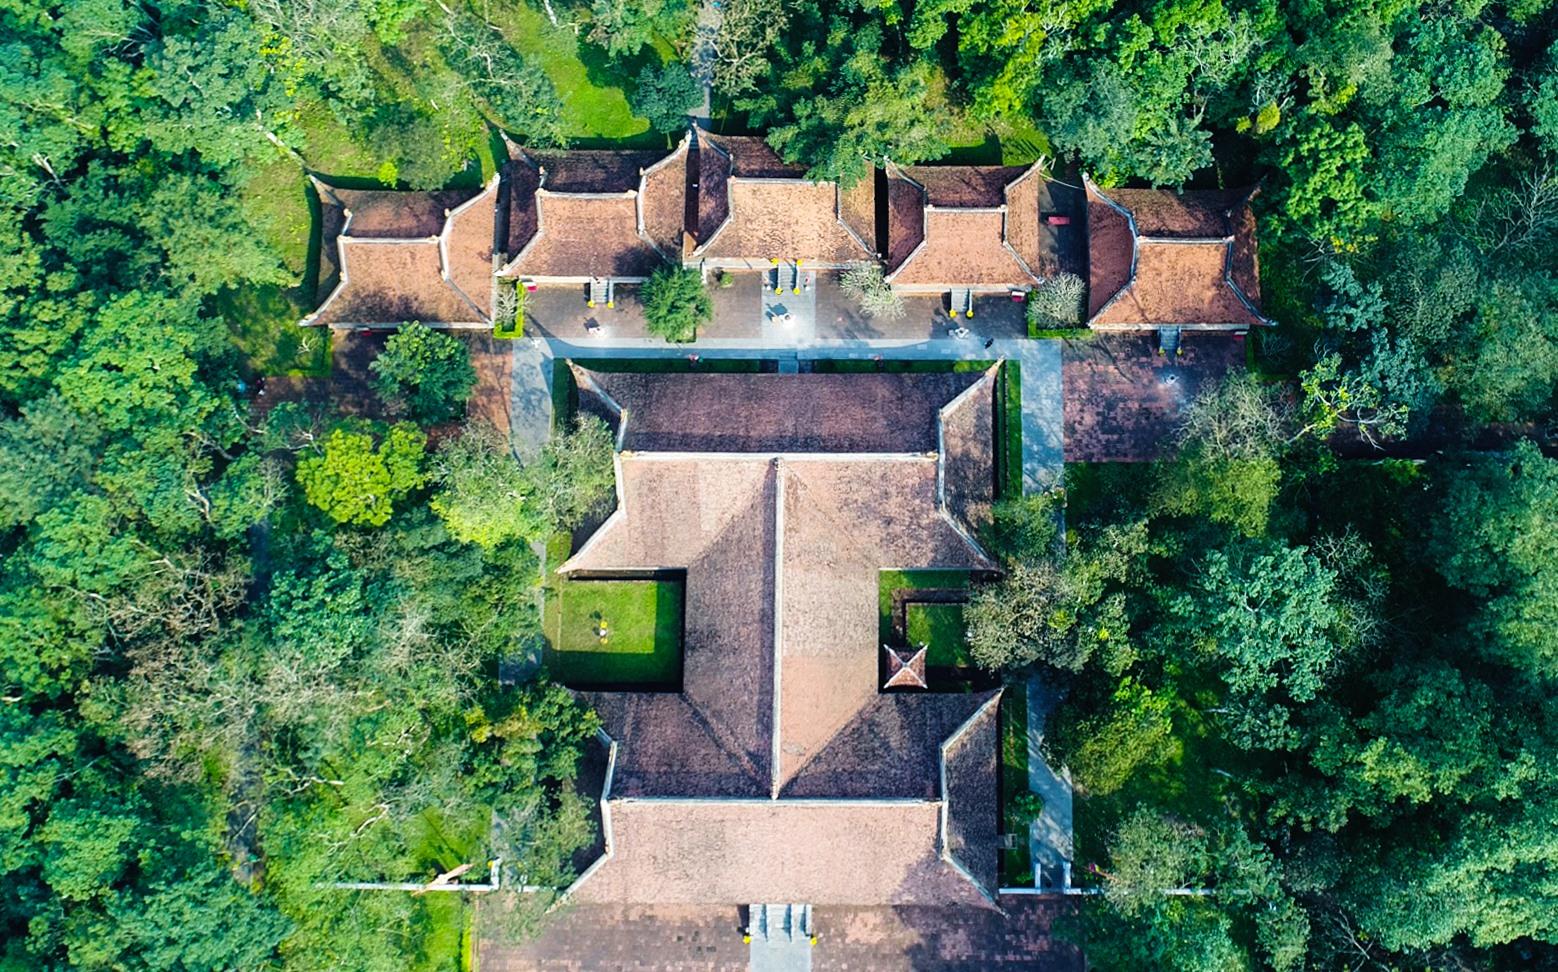 Quần thể di tích Lam Kinh nhìn từ trên cao.